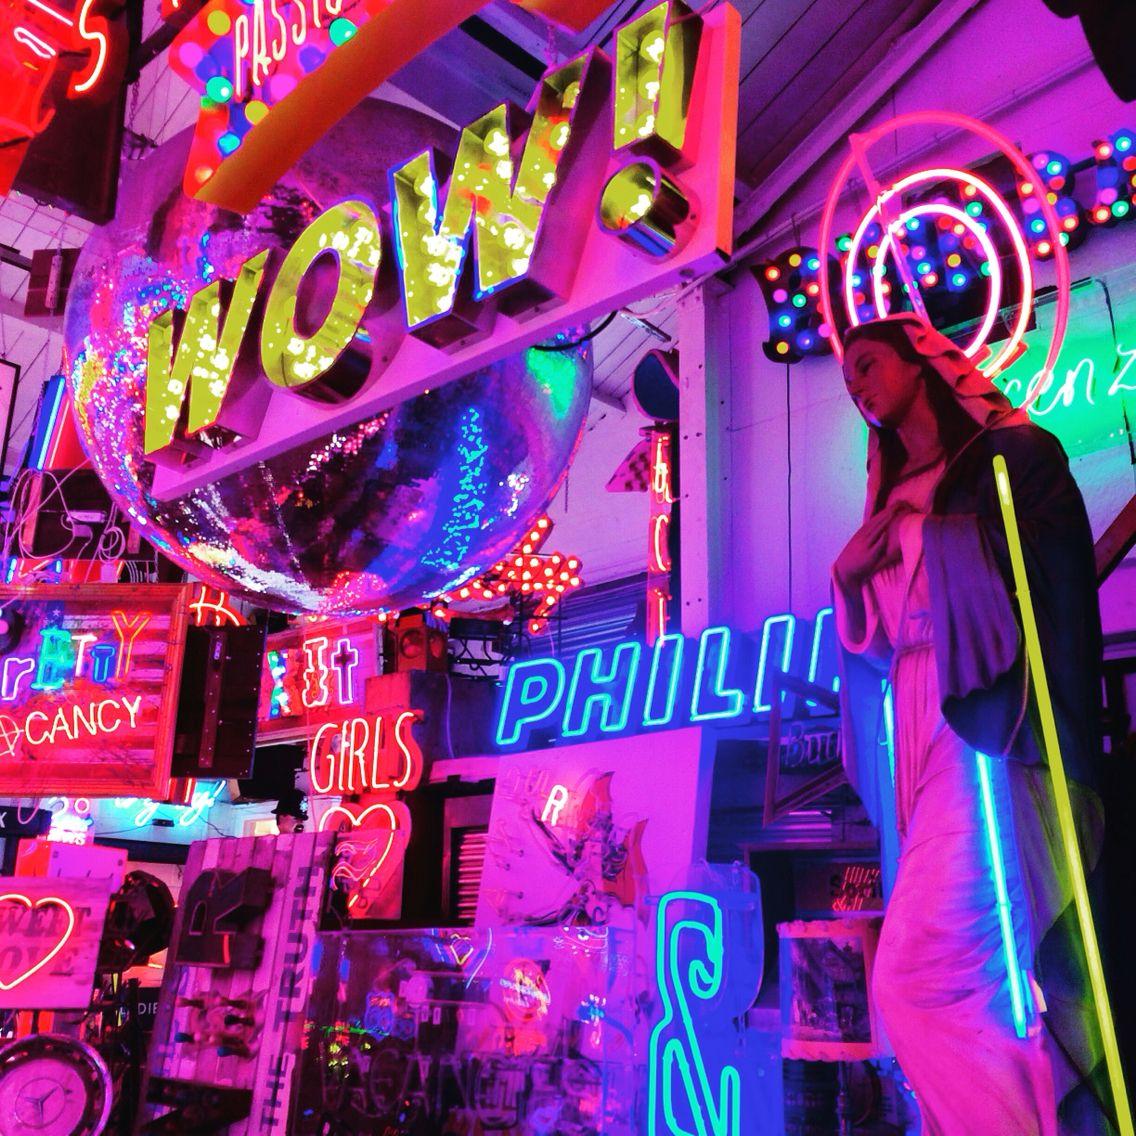 Neon Light Shop In Philippines: Gods Own Junkyard